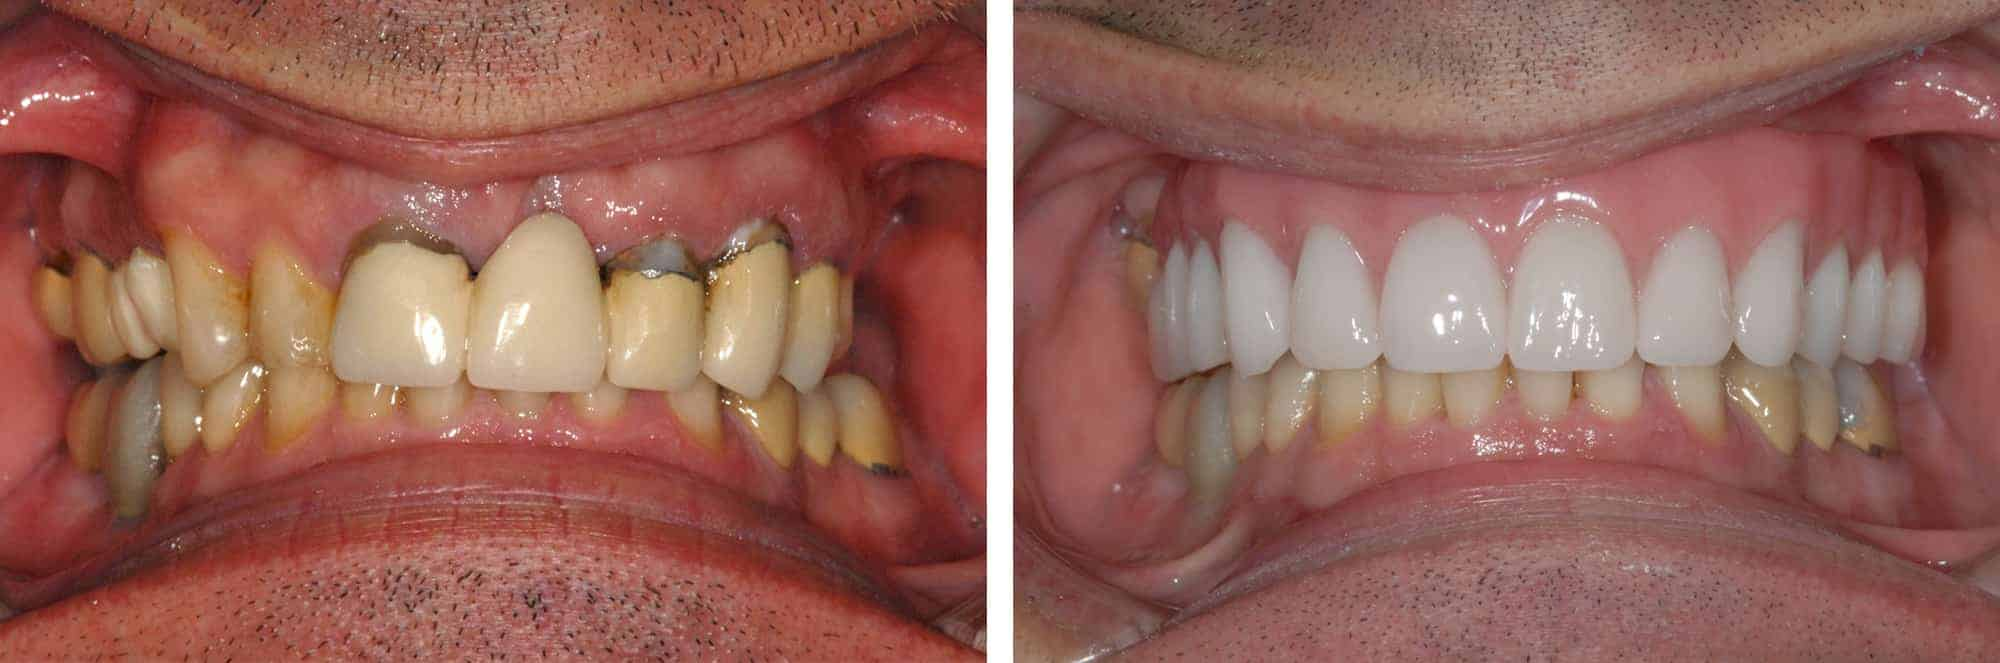 multiple teeth implants